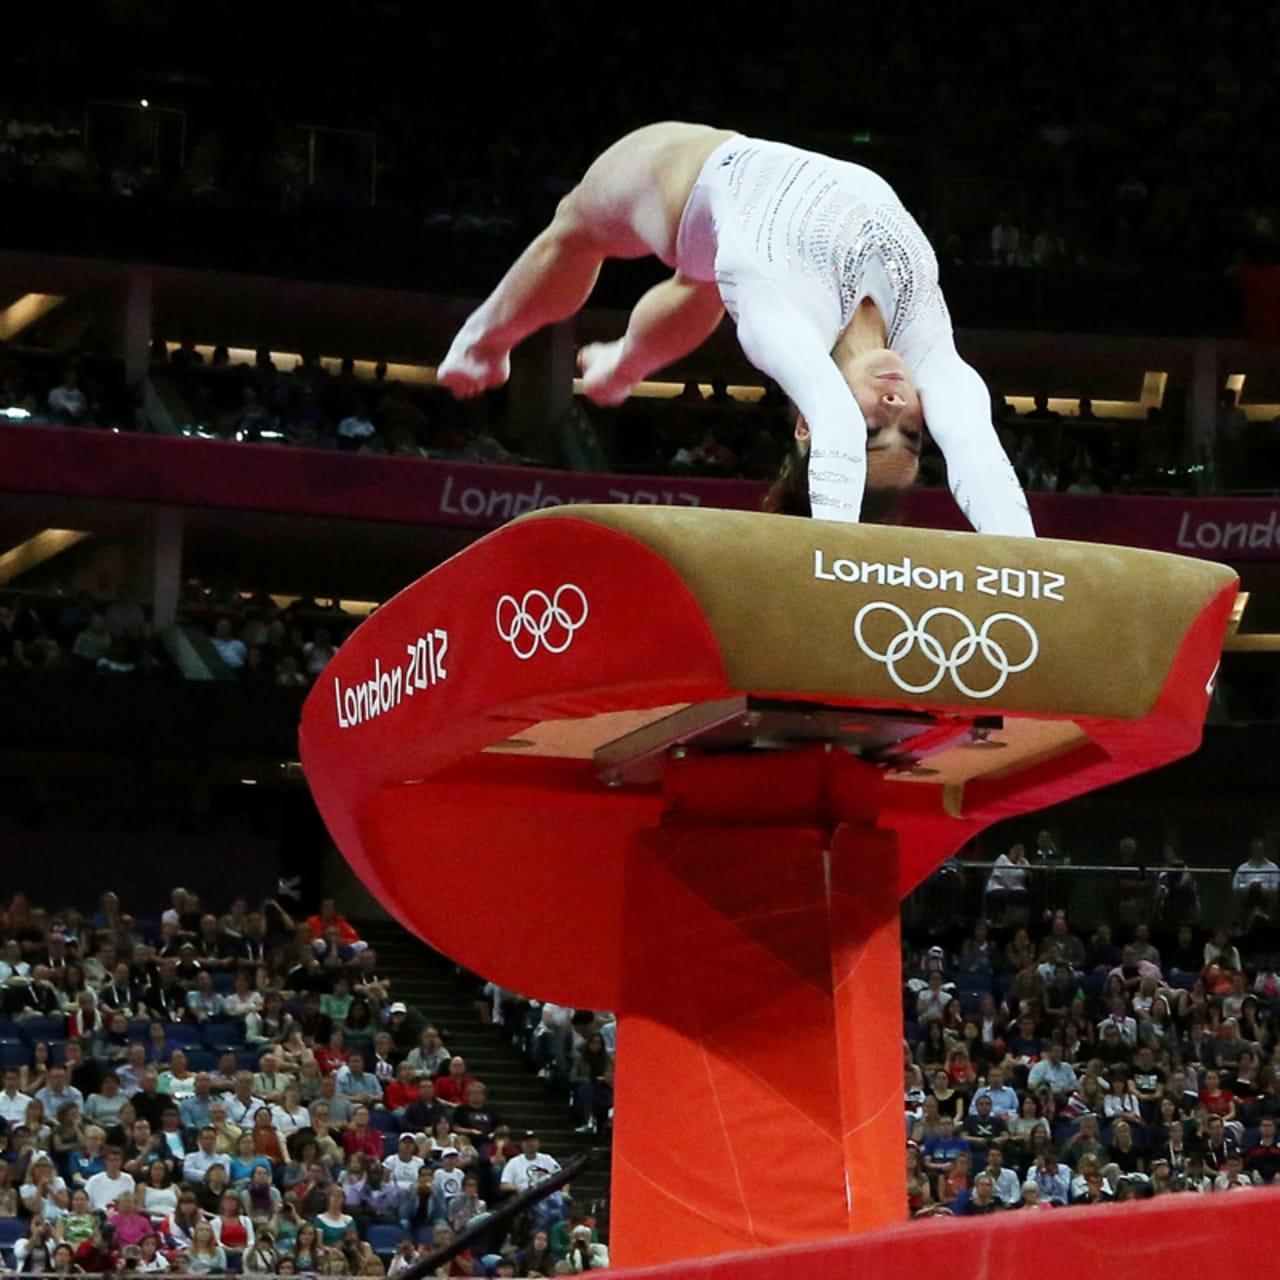 リプレイ:サンドラ・ラルーカ・イズバシャが女子種目別跳馬で金メダル